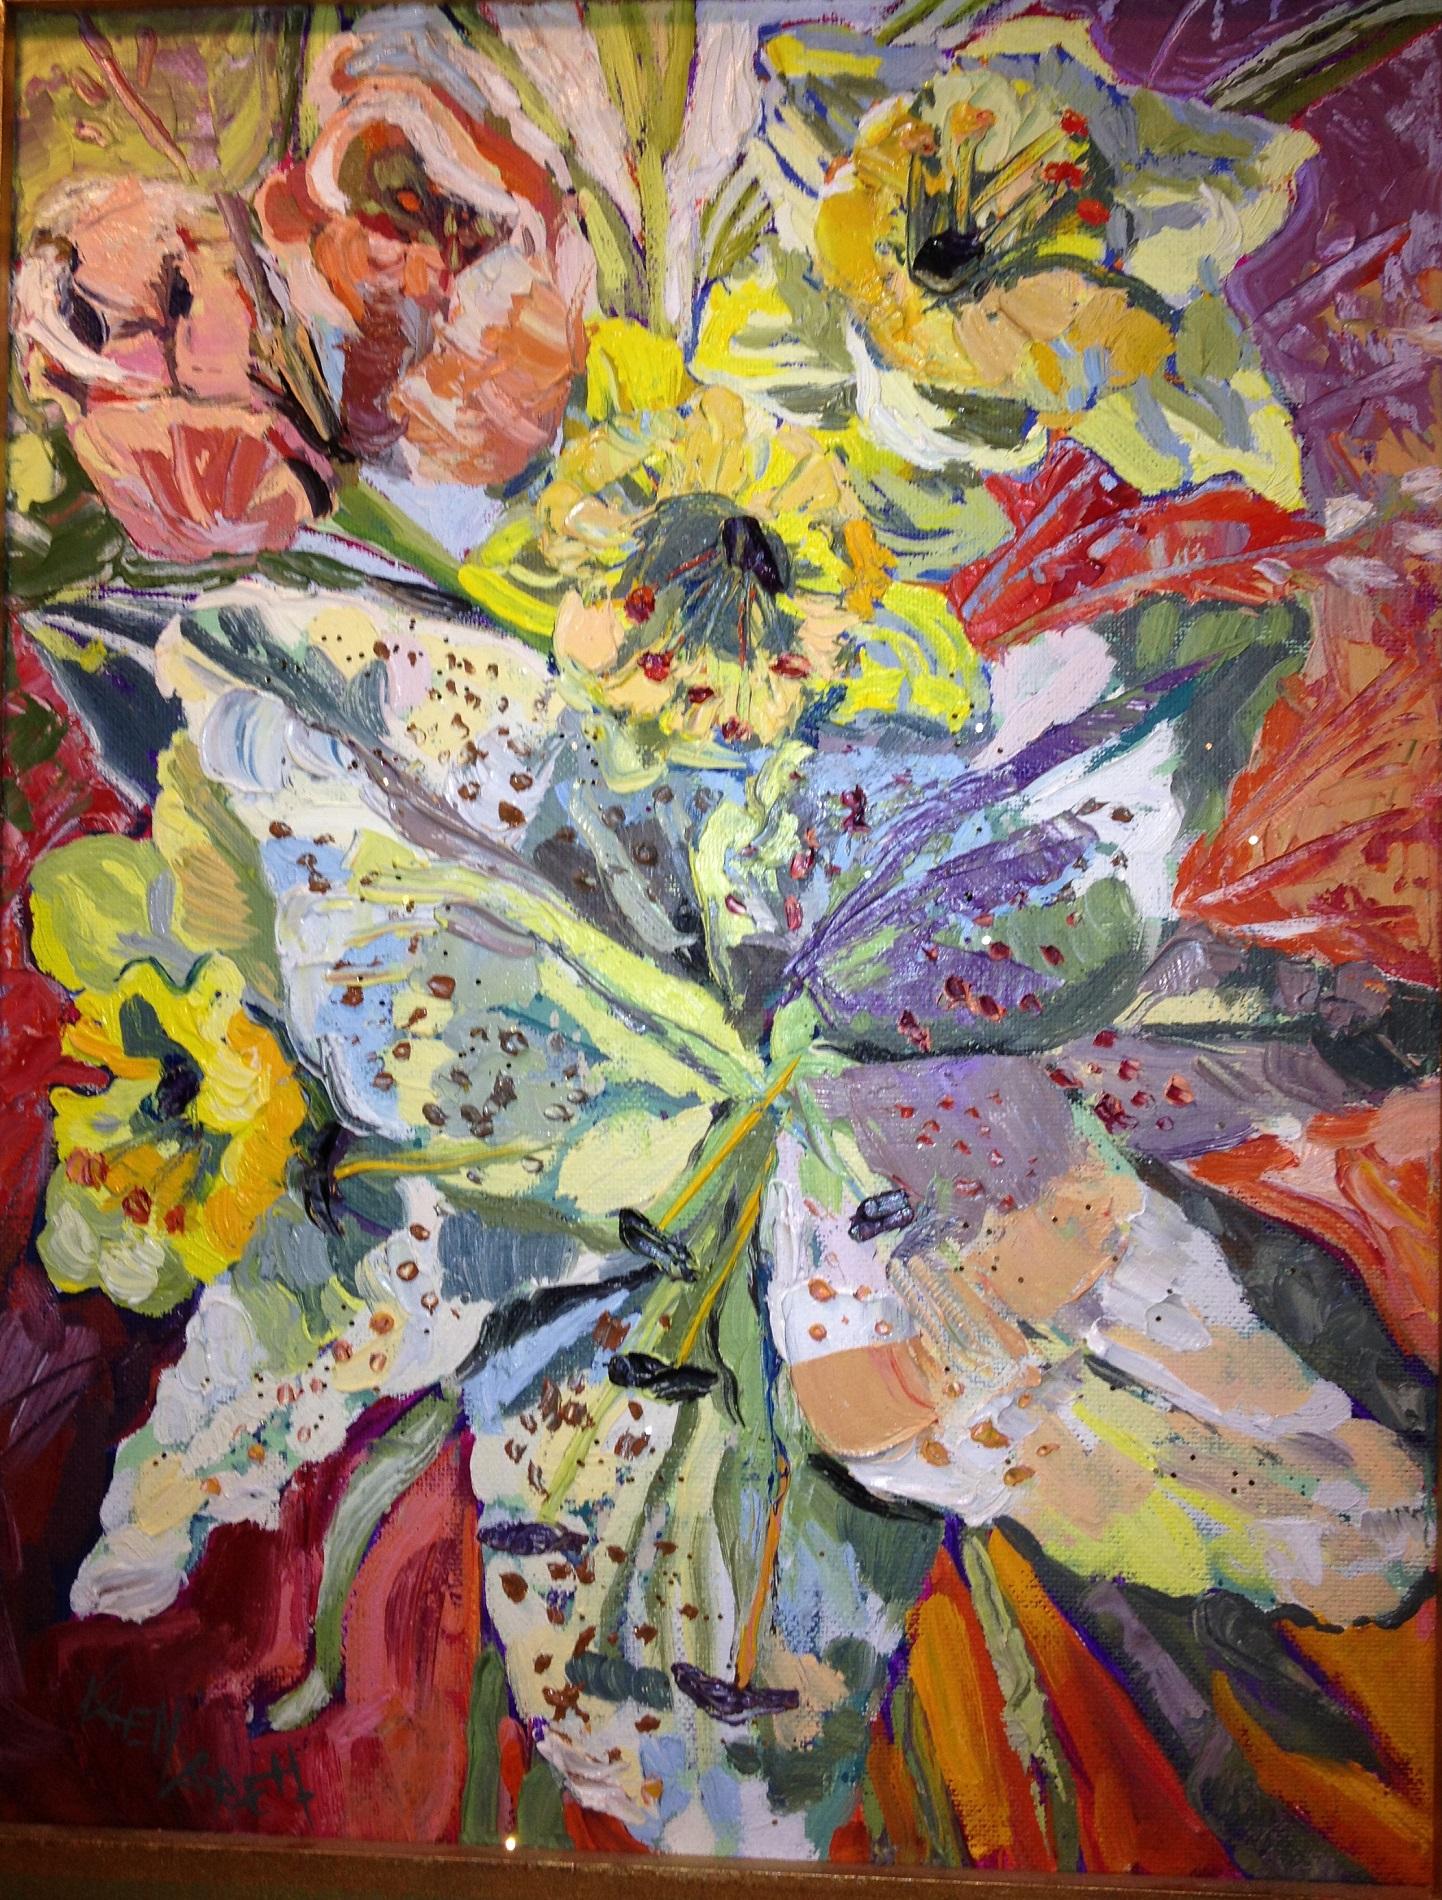 karen_garret_untitled_painting